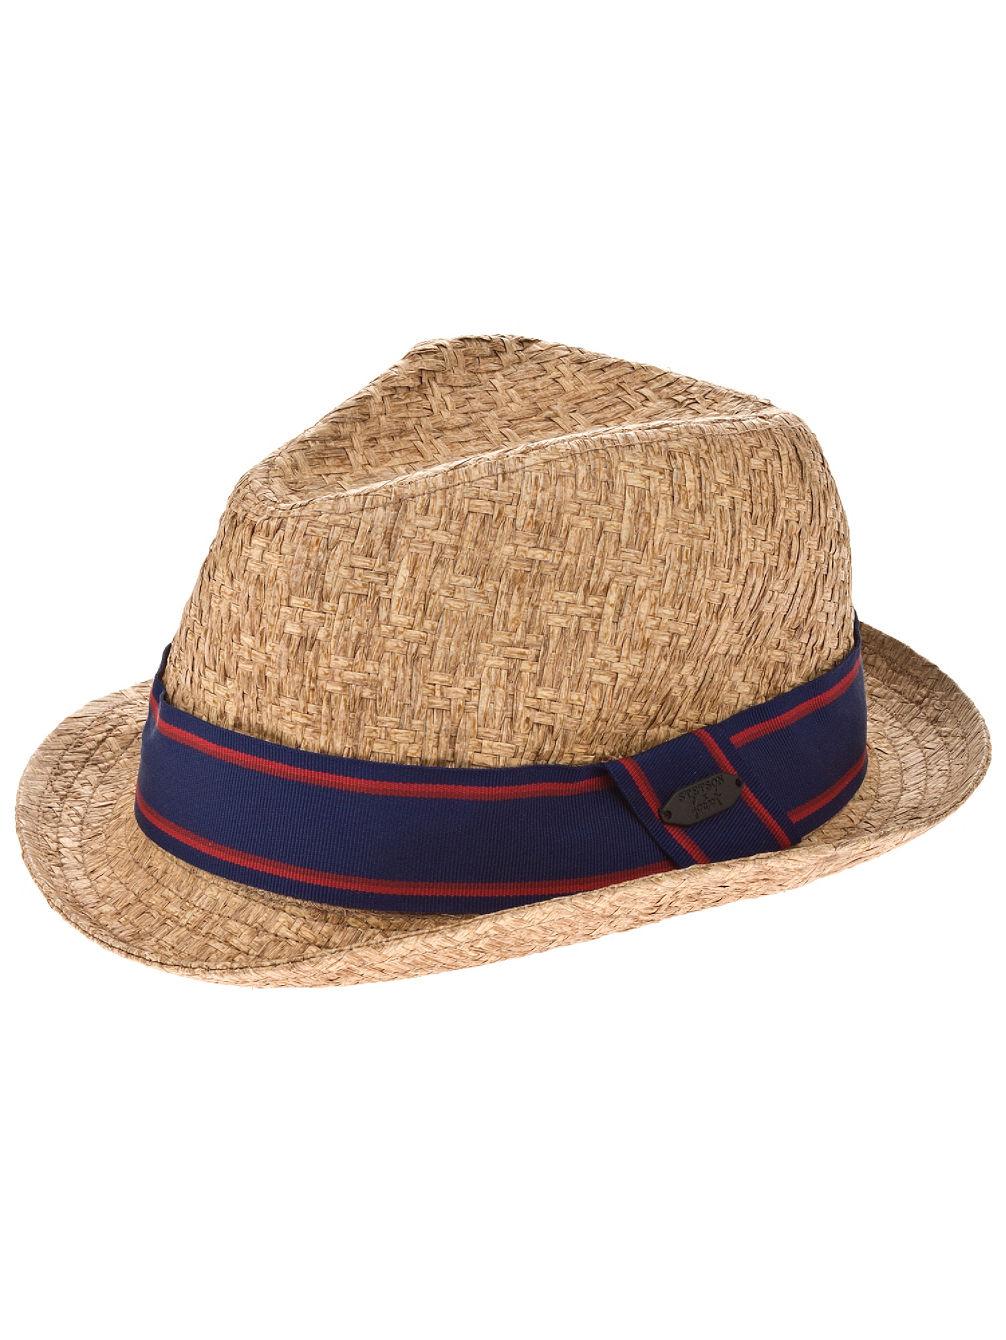 forvert-stetson-x-forvert-storr-toyo-hat